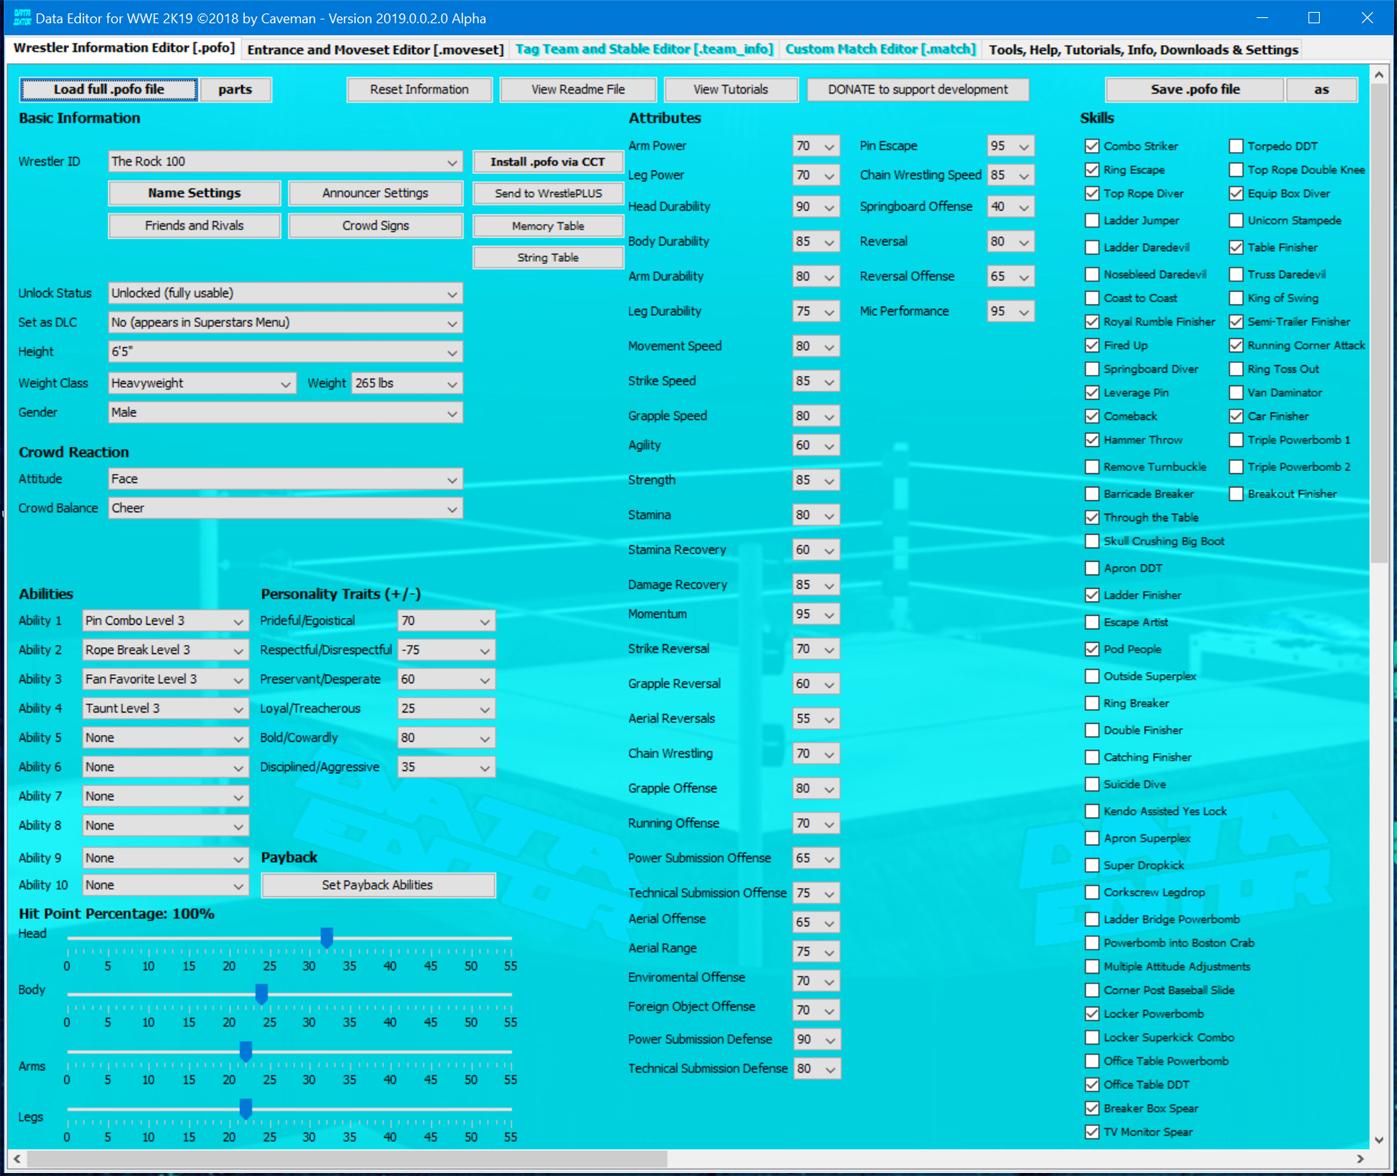 Data_Editor_2k19_Teaser_Pofo_Editor.jpg